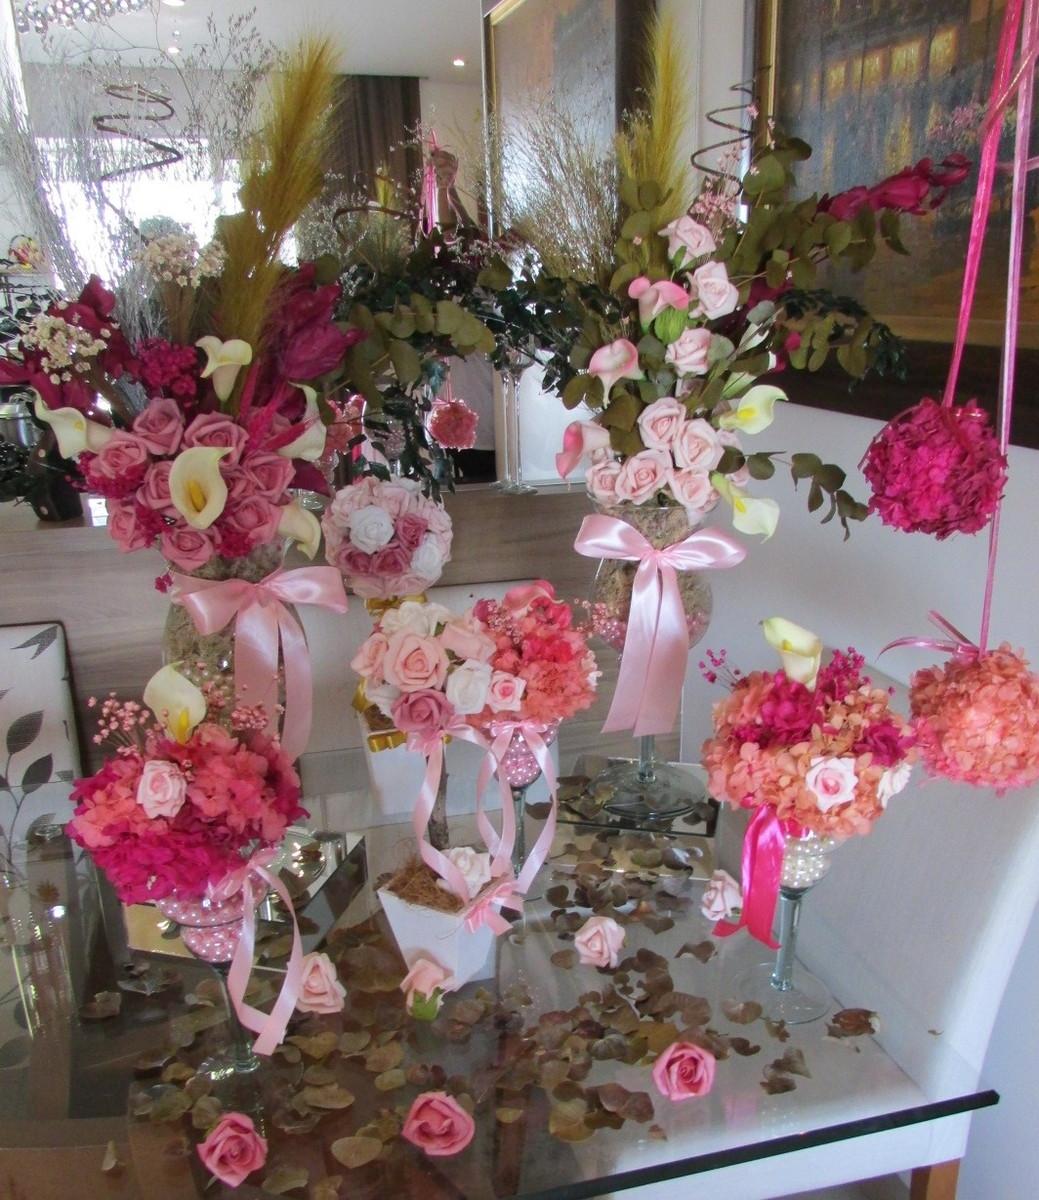 Kit festa enfeites p mesas principais i no elo7 - Fotos de mesas decoradas ...